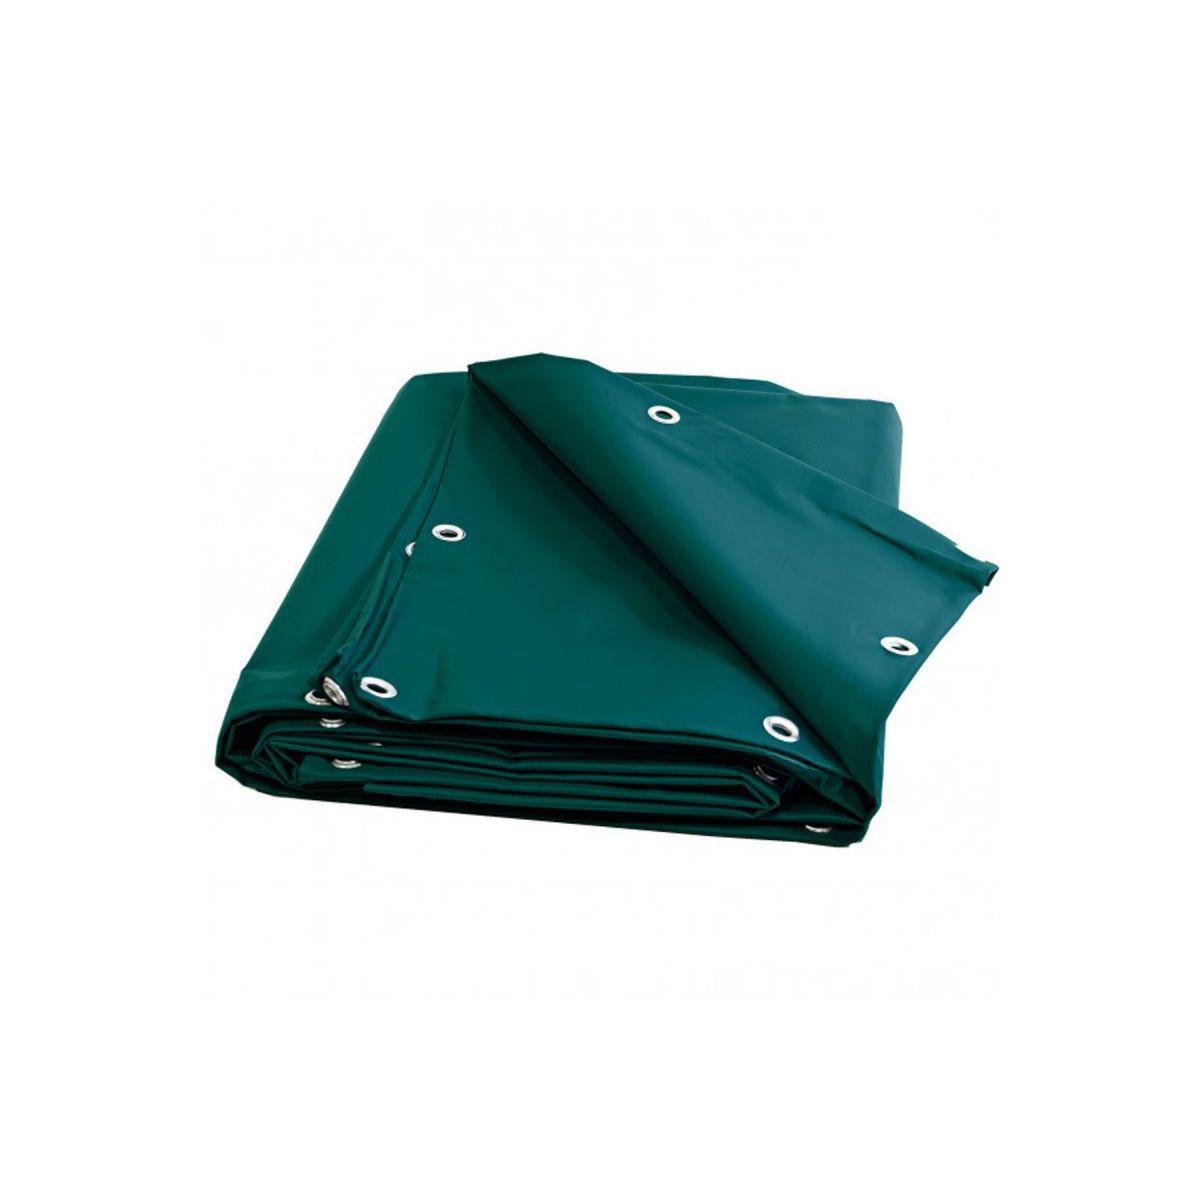 Univers Du Pro Bâche Toiture 2 x 3 m Verte 680 g/m2 PVC Haute qualité